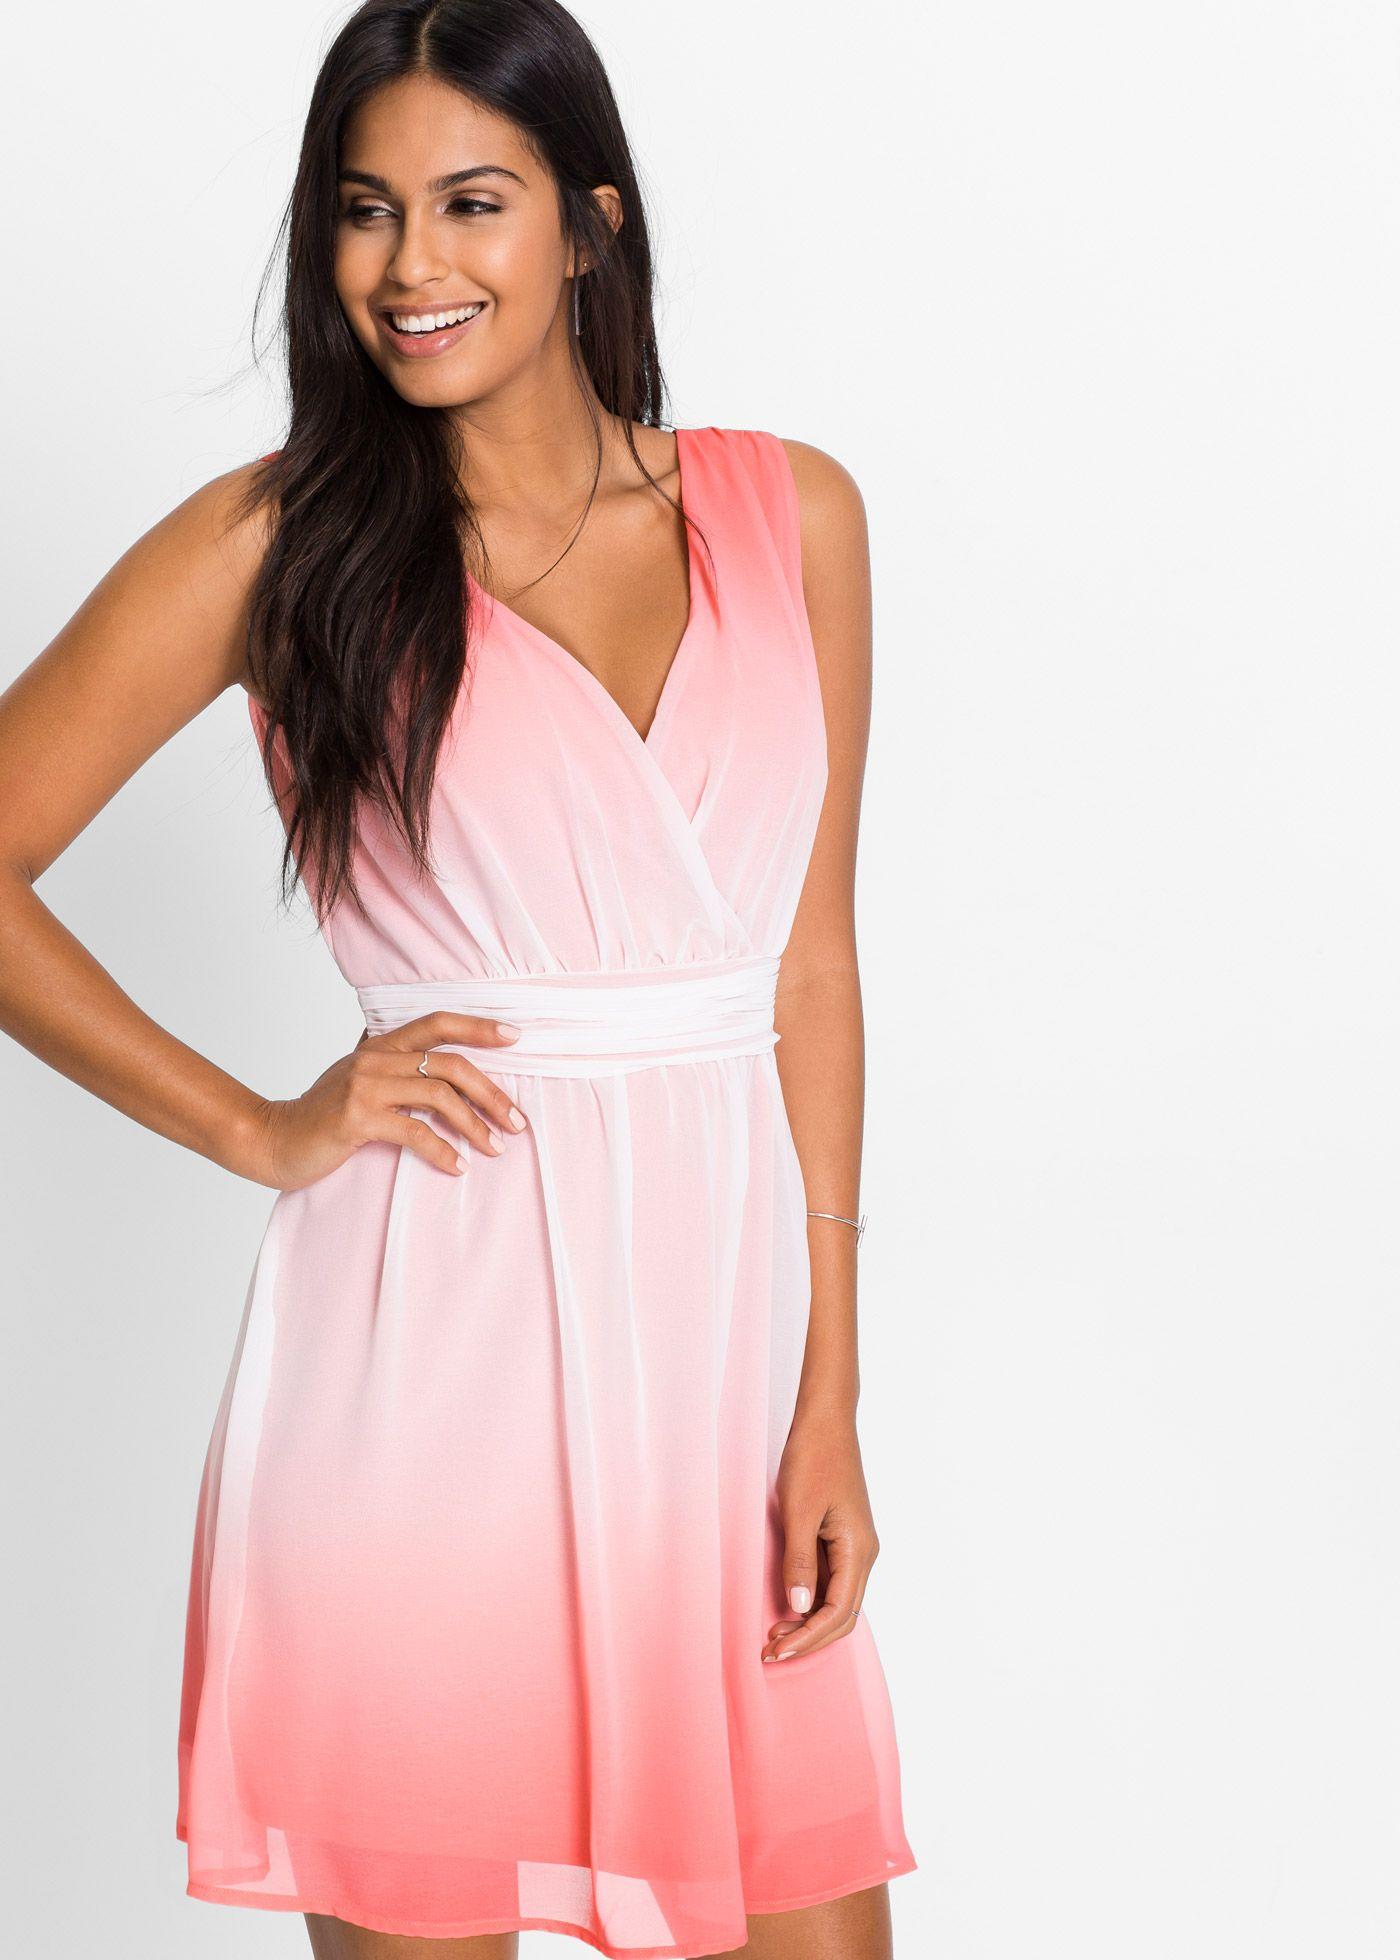 Wundervolles, feminines Kleid mit Farbverlauf. Ein Traum in Pink!